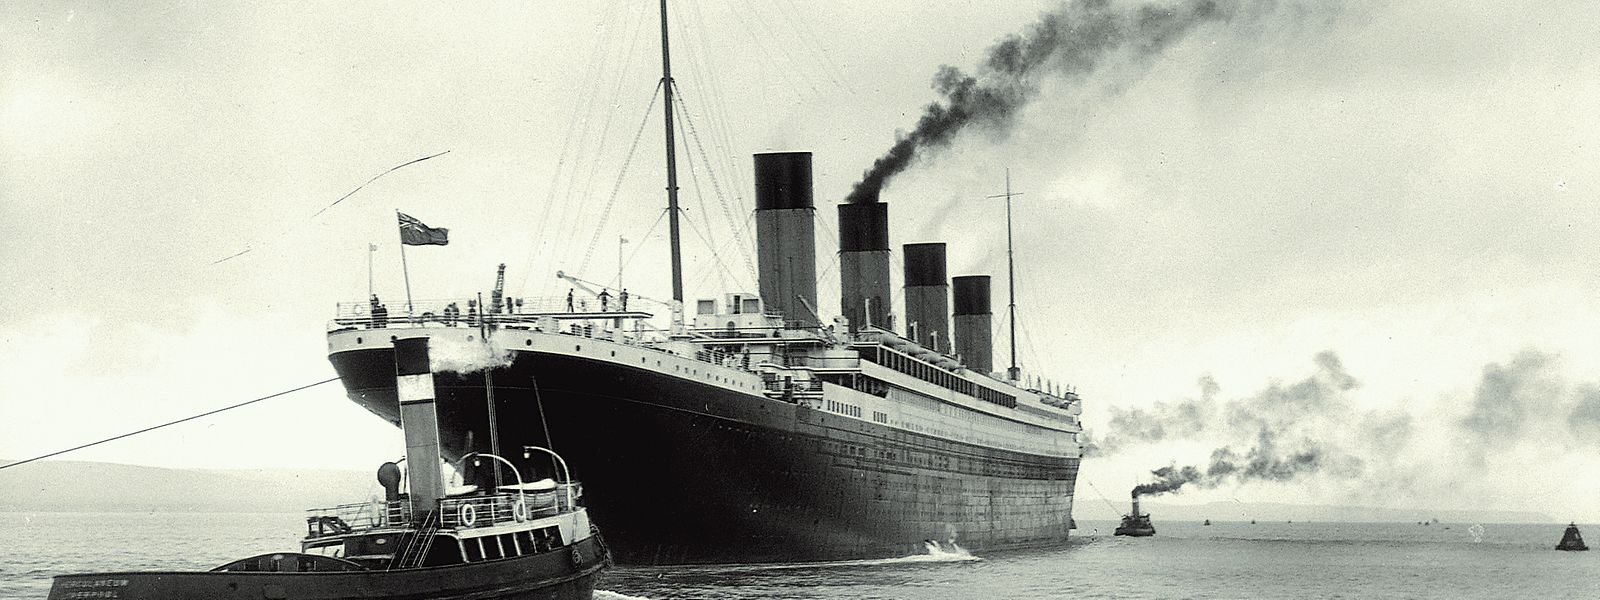 """Ein letzter Brief an die Mutter, rostige Schlüssel und Fotografien: Erinnerungen an das untergegangene Luxus-Passagierschiff """"Titanic"""" sind sehr gefragt. Das zeigt jetzt wieder eine Auktion in England."""